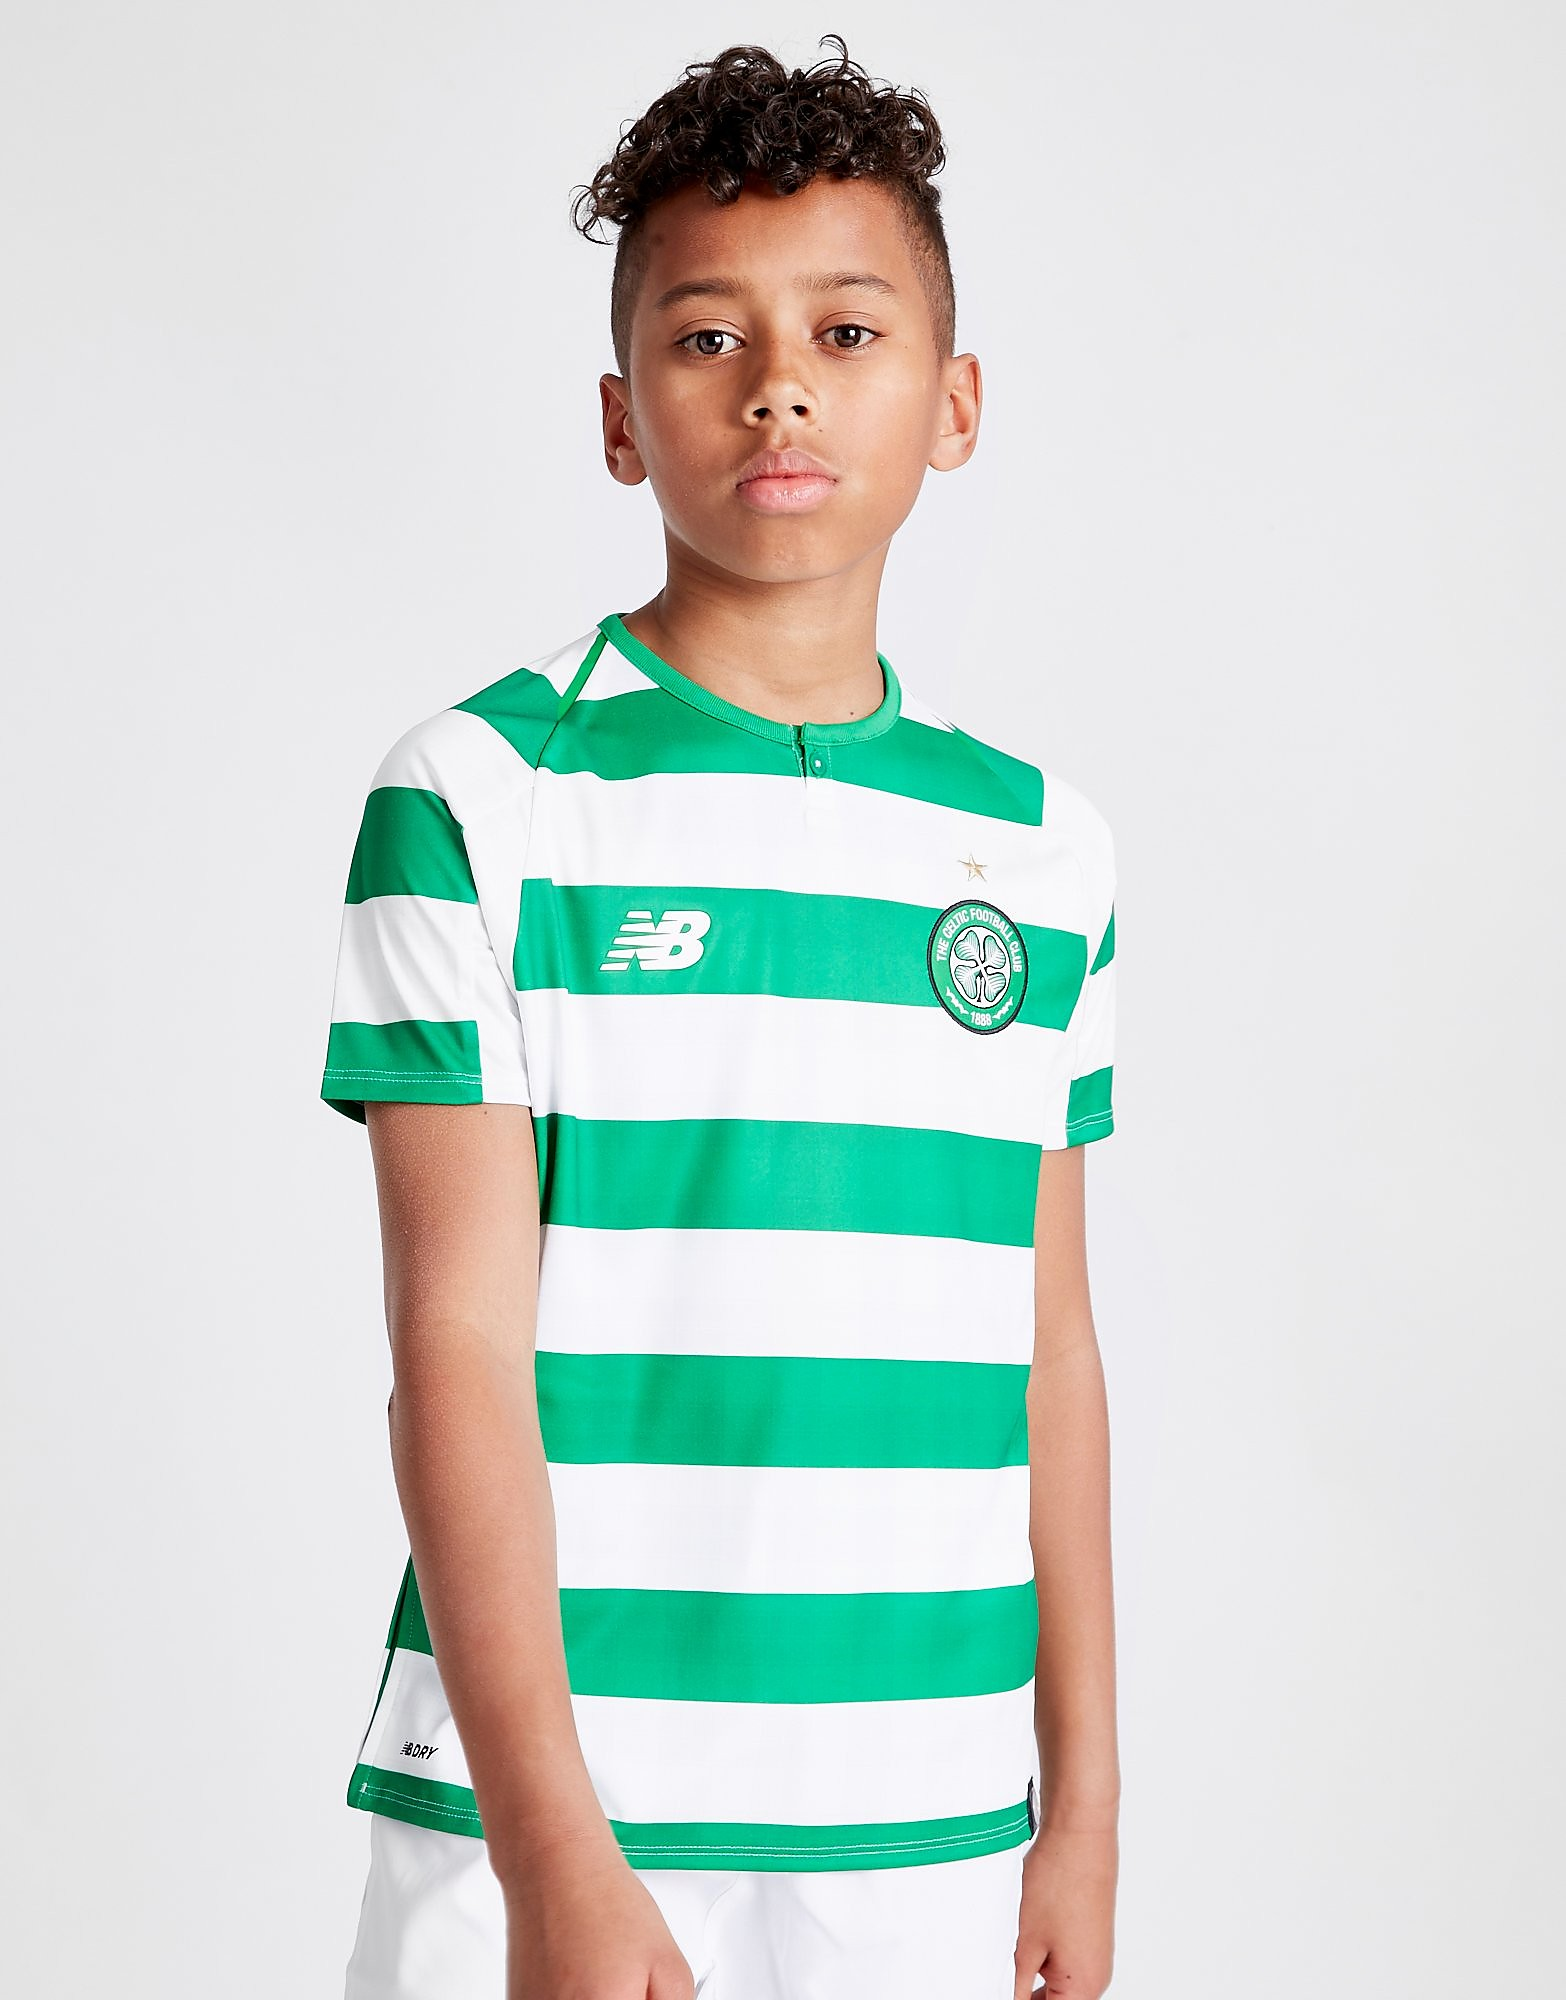 New Balance Maillot Domicile Celtic FC 2018/19 Junior -  PRÉ COMMANDE